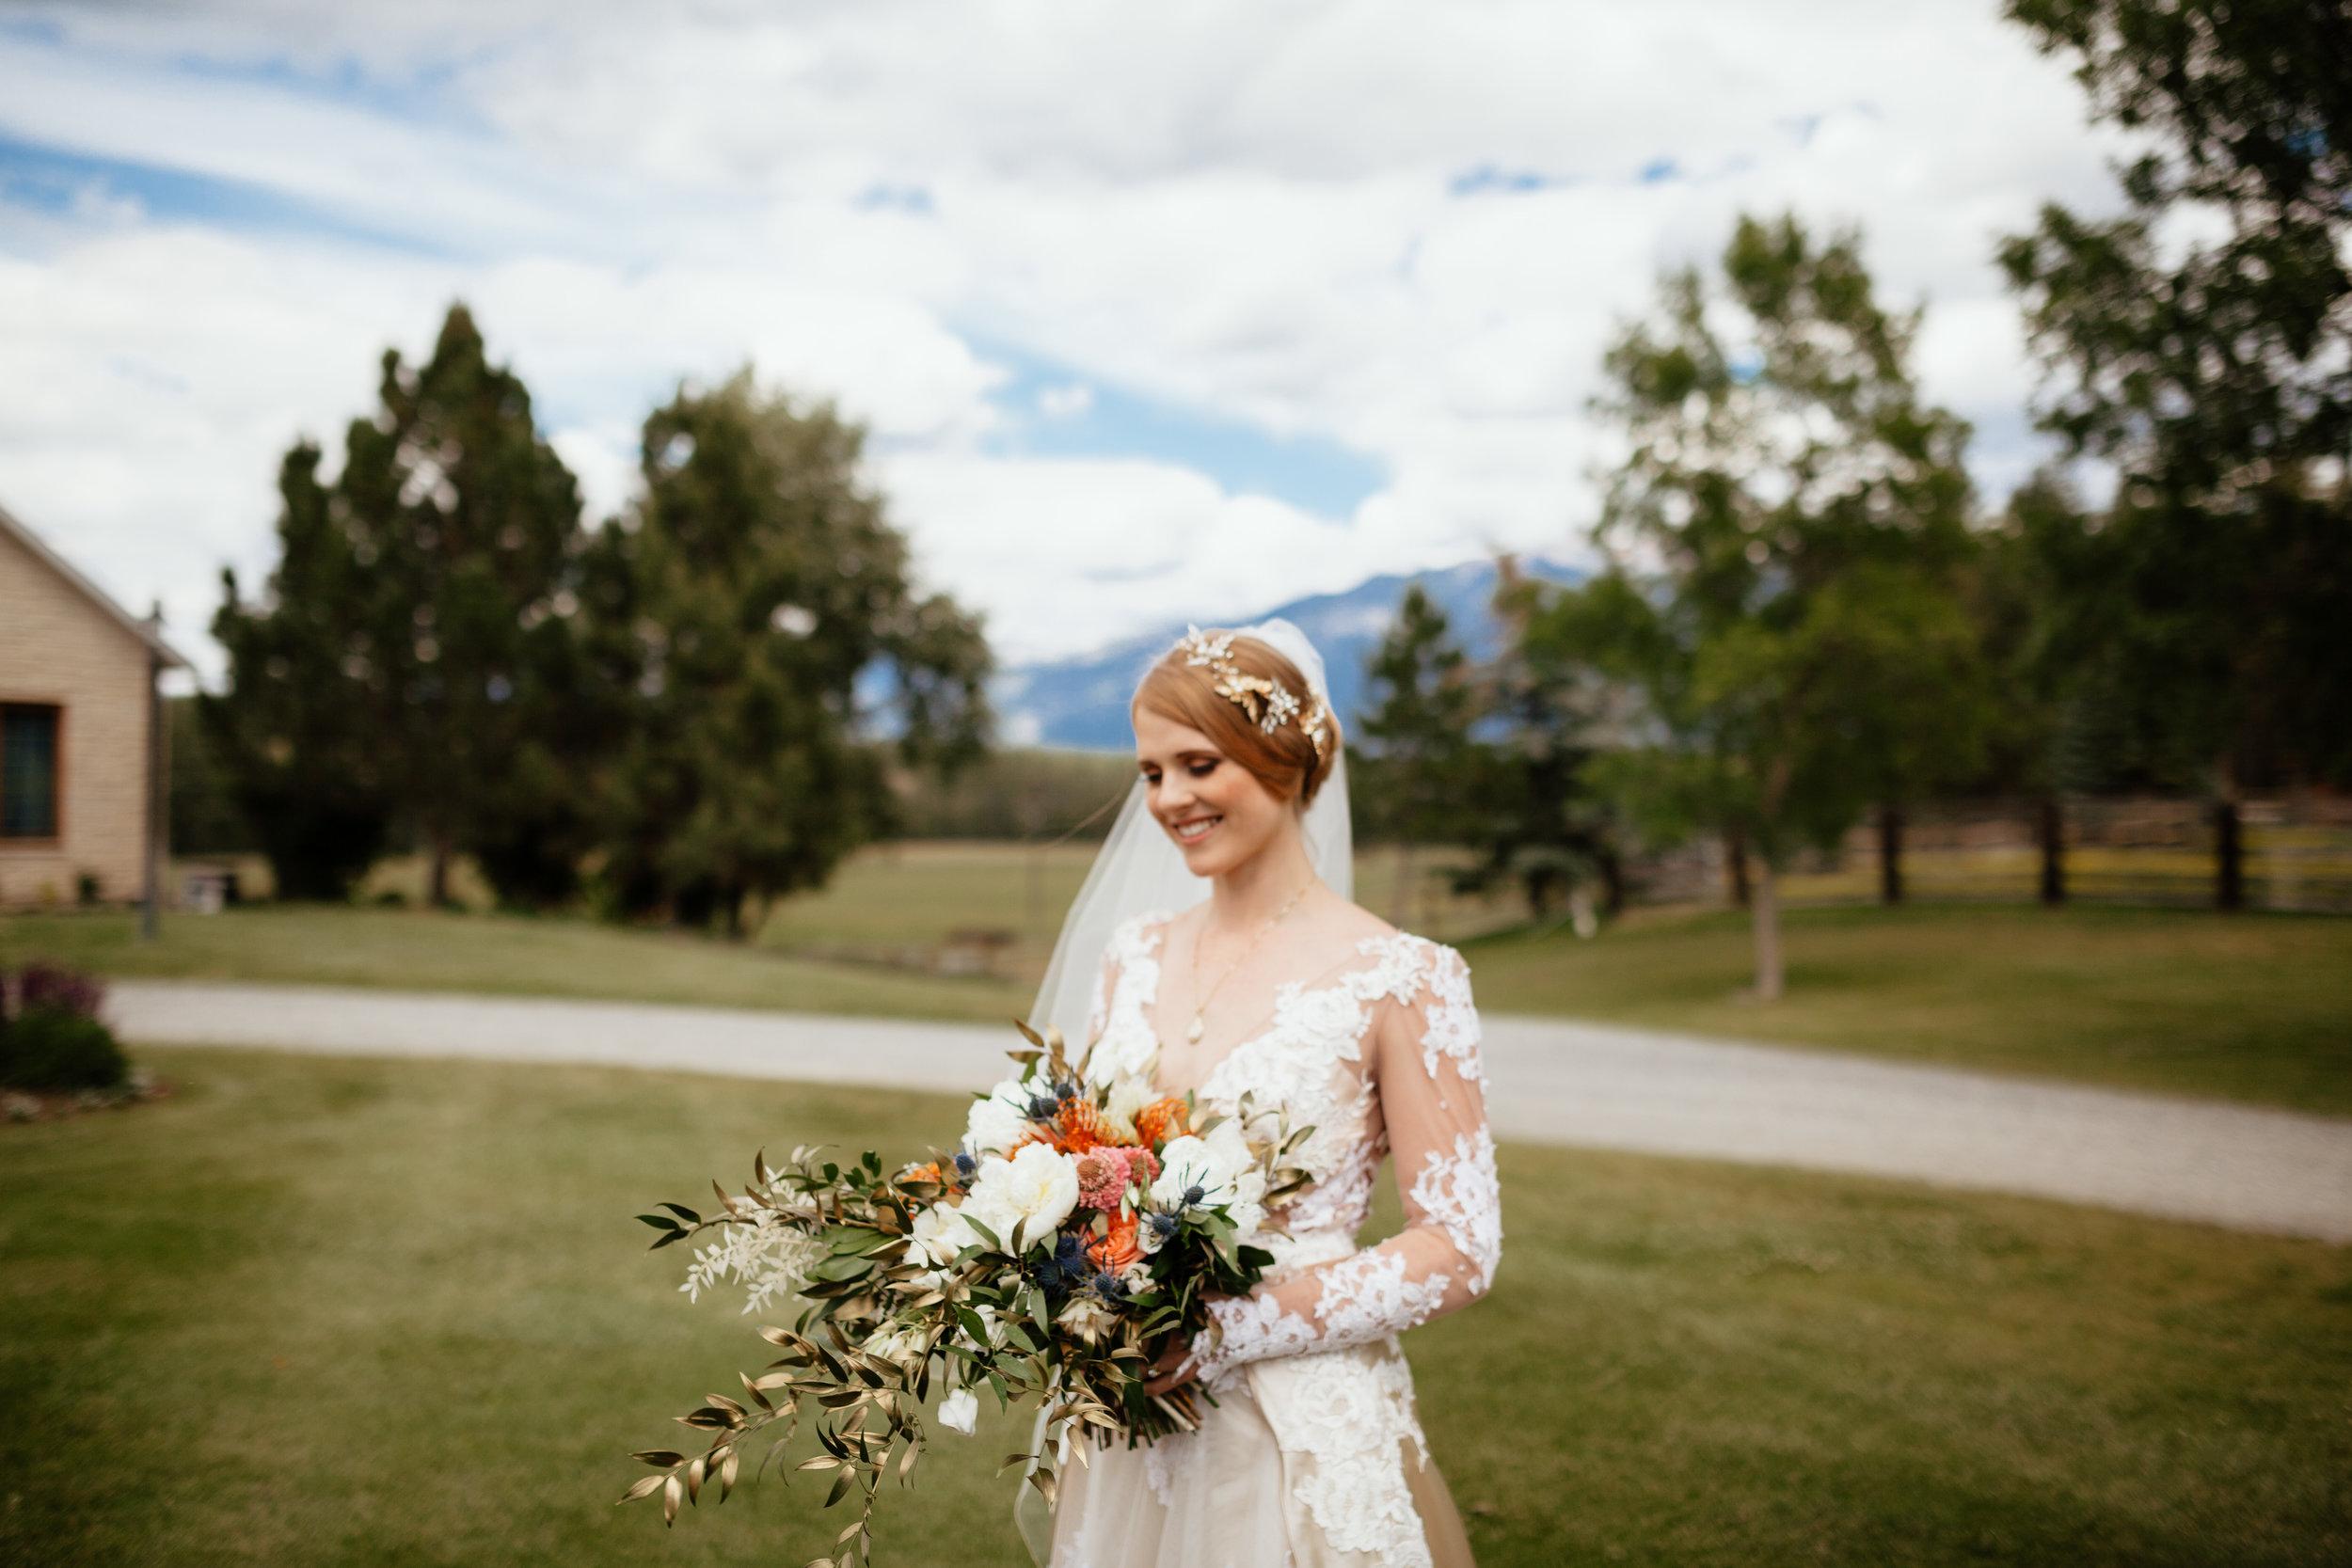 Dave + Amanda 4 - Bridal Portraits-108.jpg